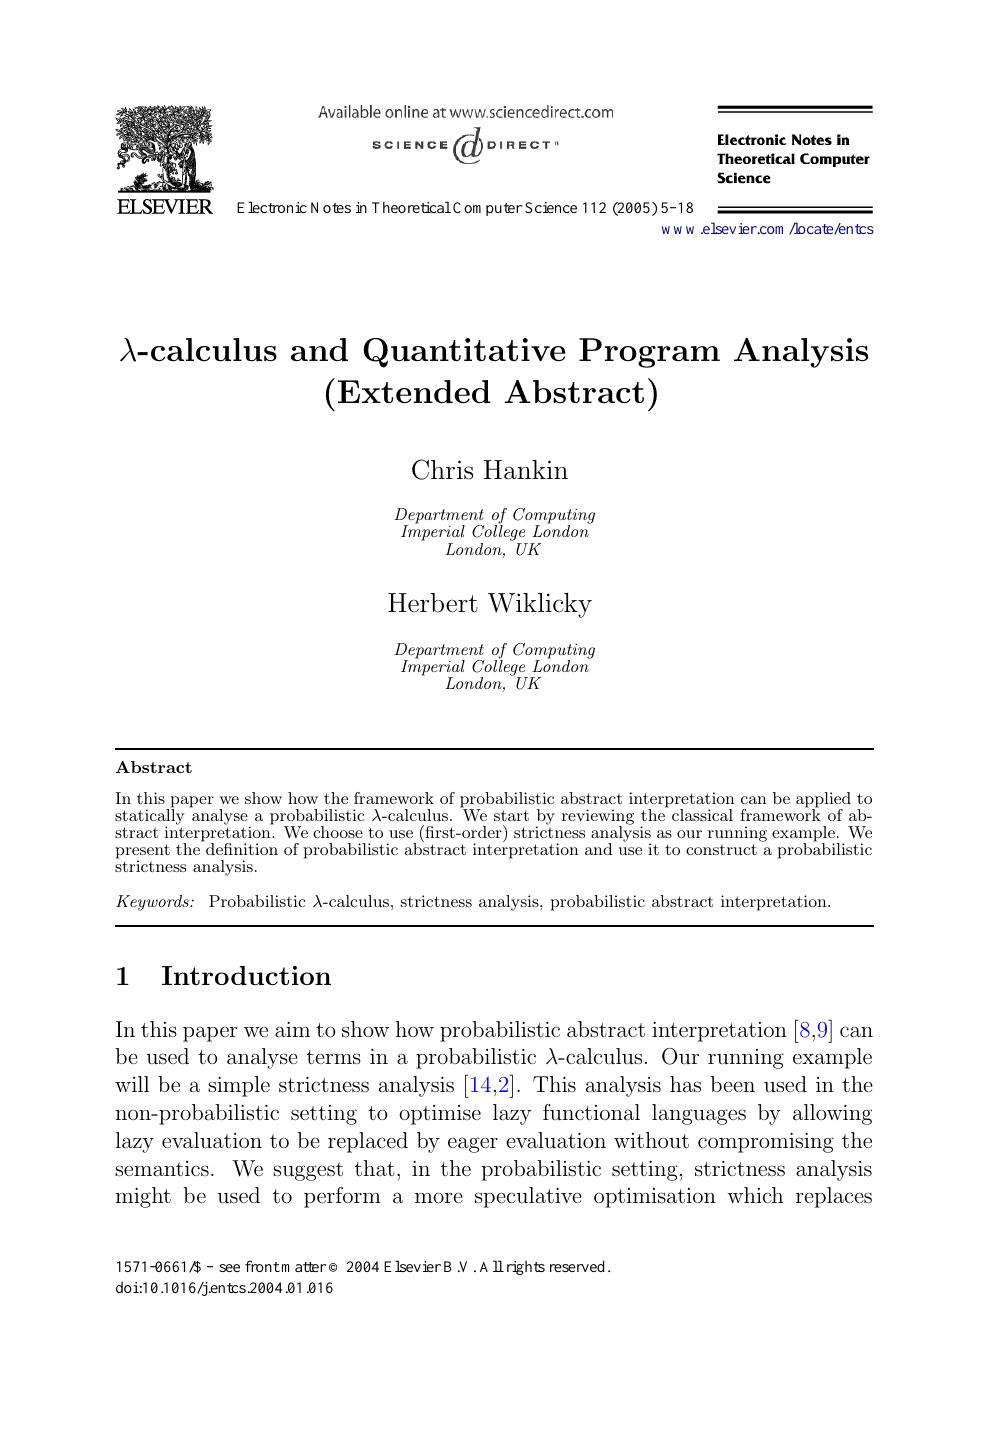 L Calculus And Quantitative Program Analysis Topic Of